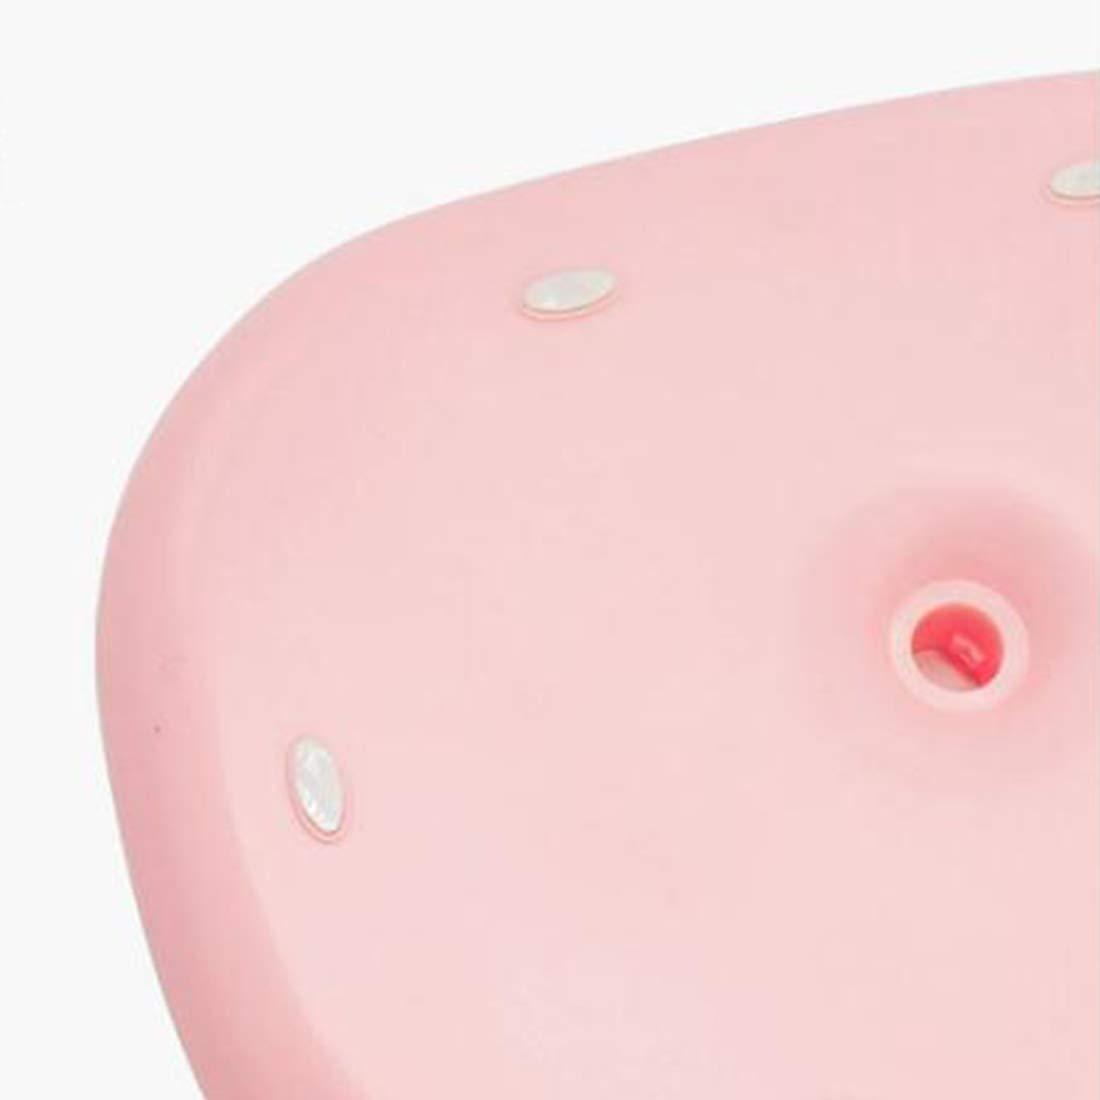 Mkulxina USB, das LED auflädt, auflädt, auflädt, belichtete kosmetisches Spiegel Countertop Leselicht-kosmetisches Spiegel-Licht (Farbe   Bear lila, Größe   Round) B07L8GKX4G   Quality First  42a212